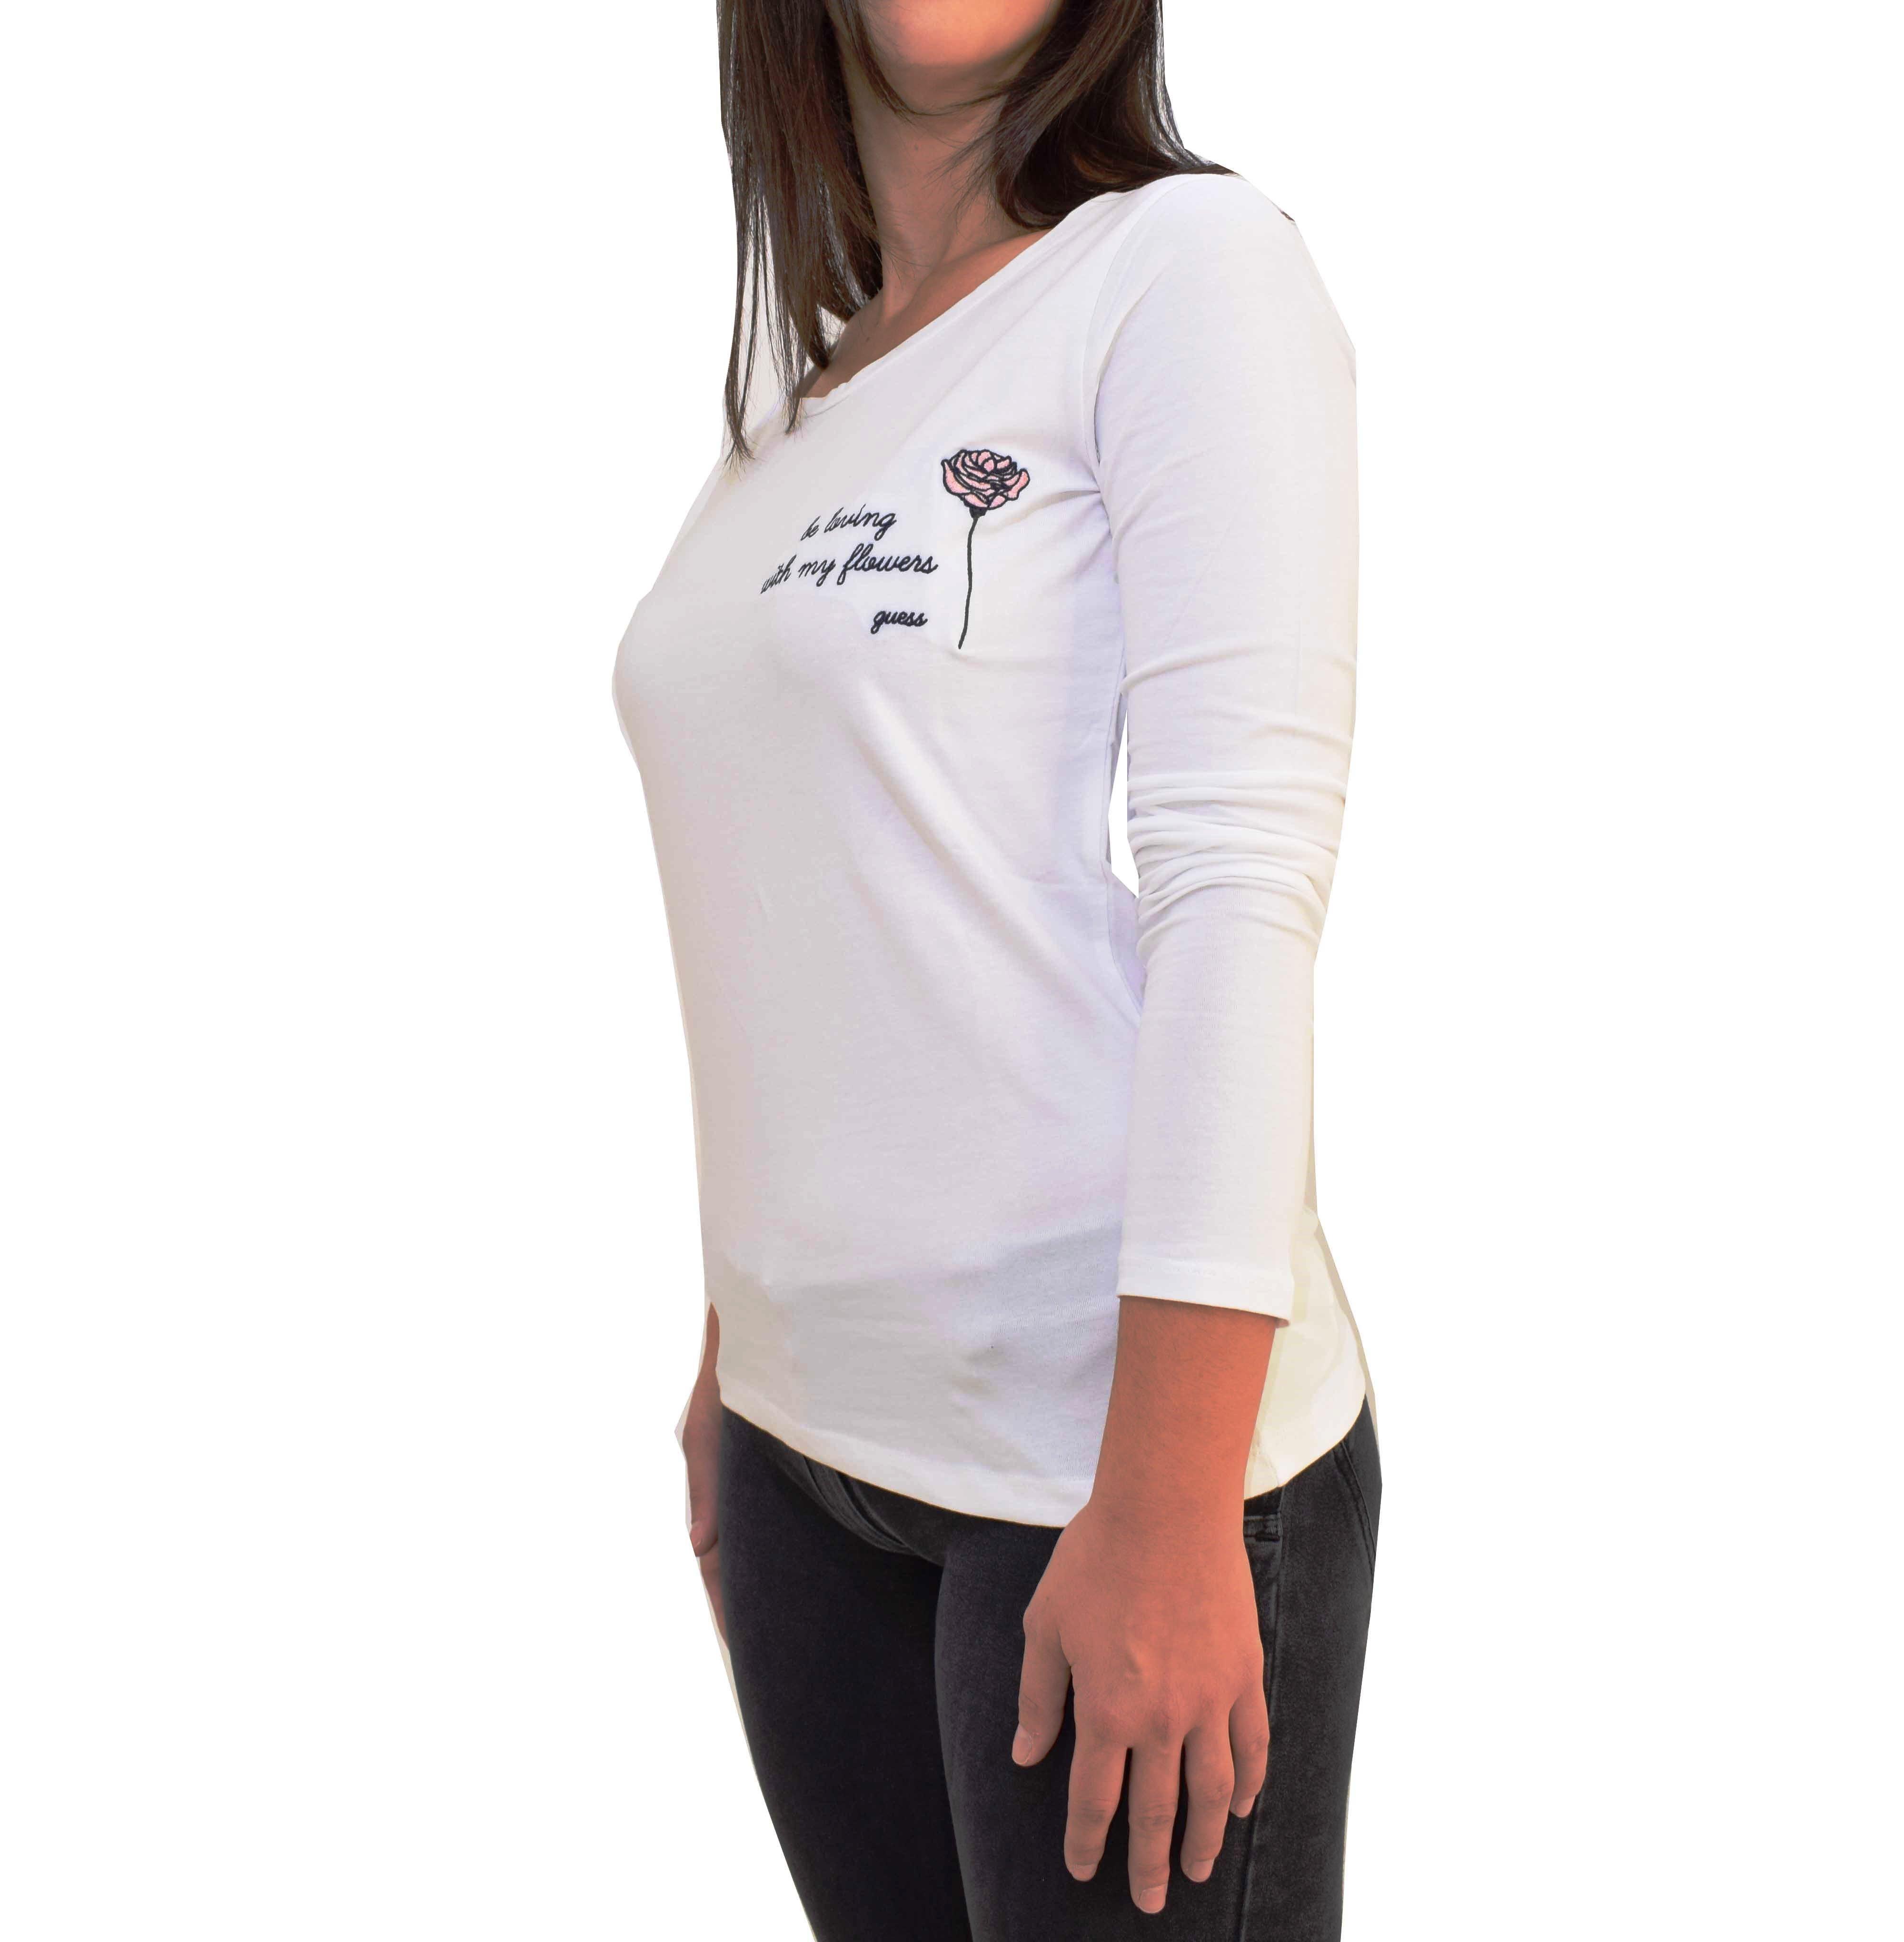 d57faf9bf4f1 T-shirt U neck Guess O74I02J1307 - λευκό Woman - Glami.gr